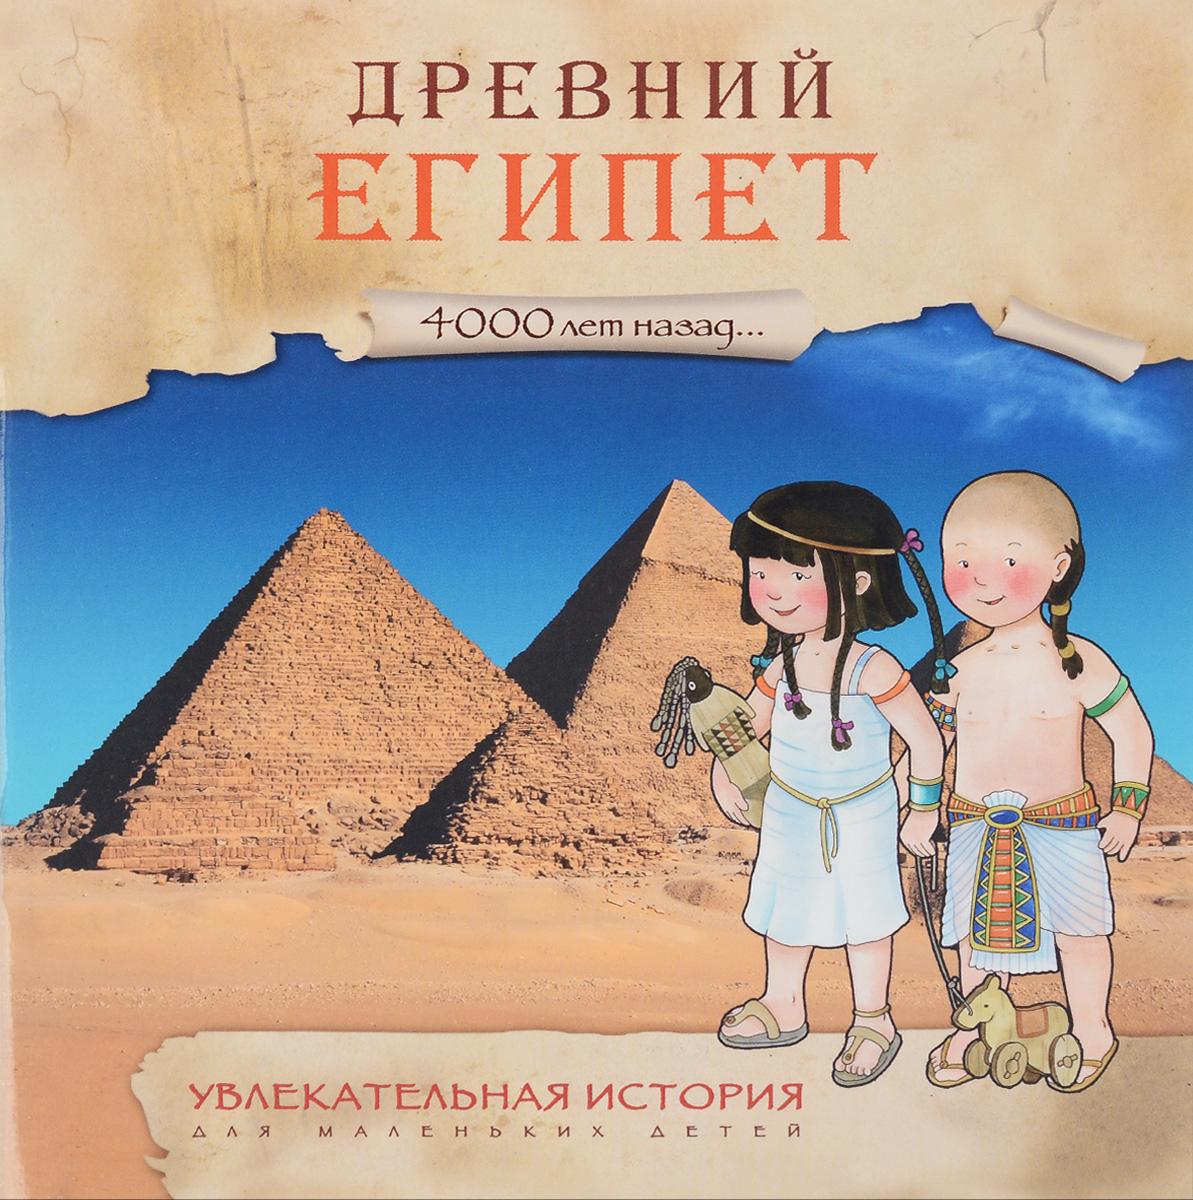 4000 лет назад. Древний Египет.Увлекательная история для маленьких детей